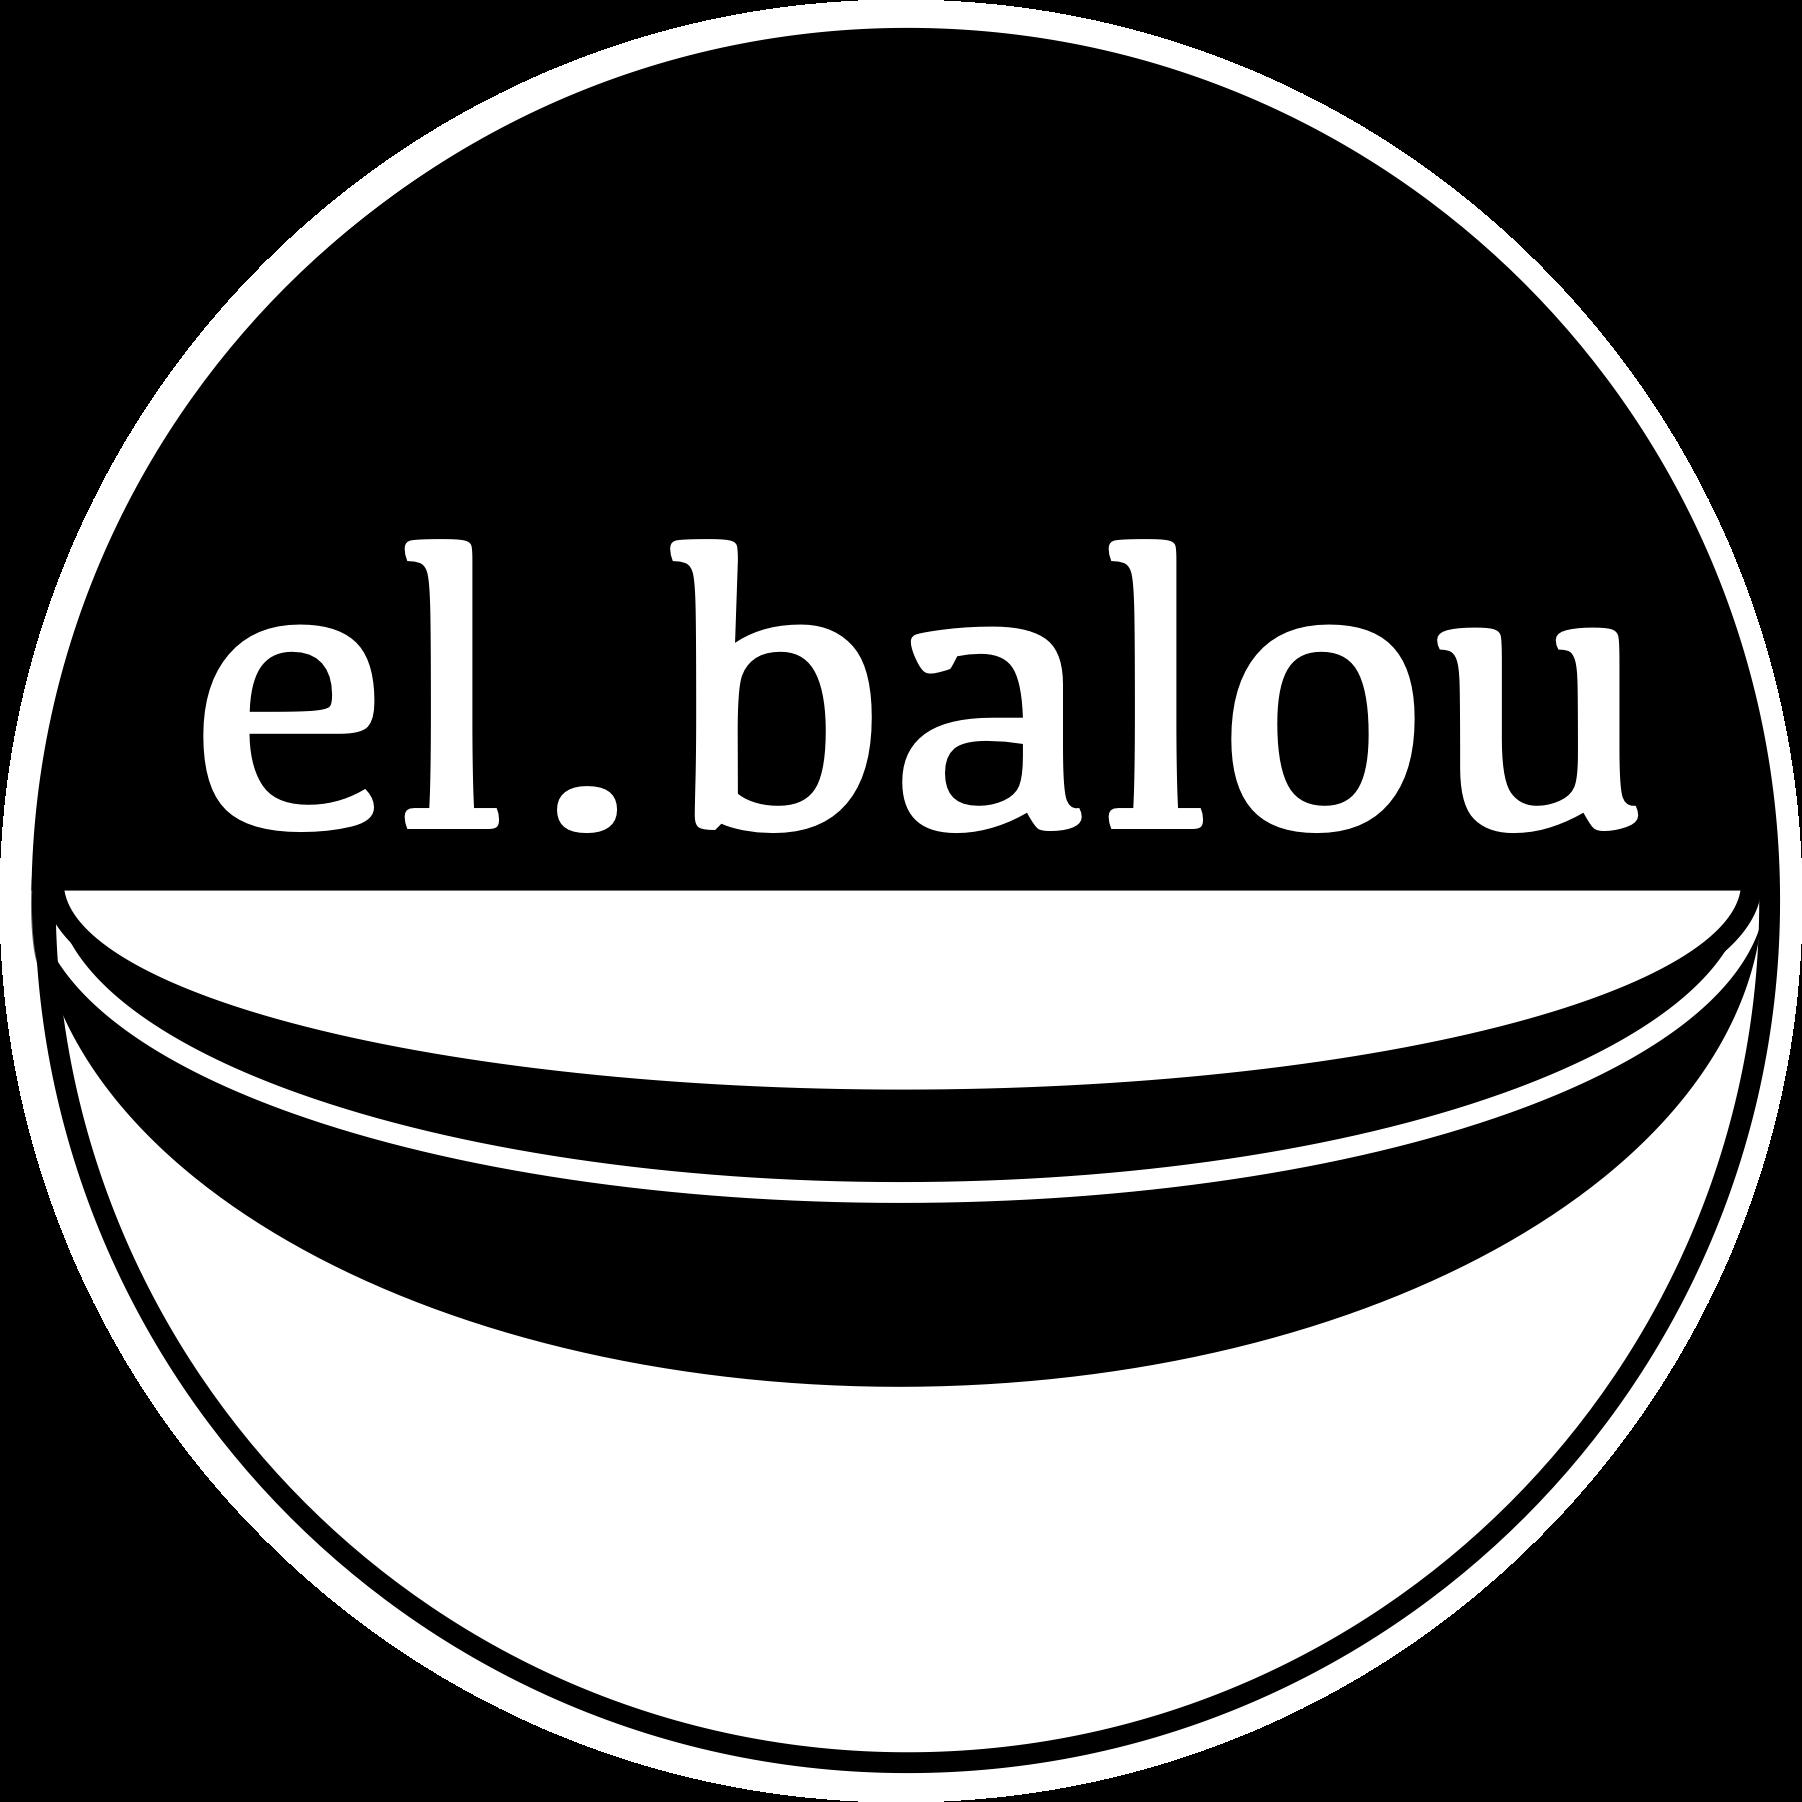 el.balou